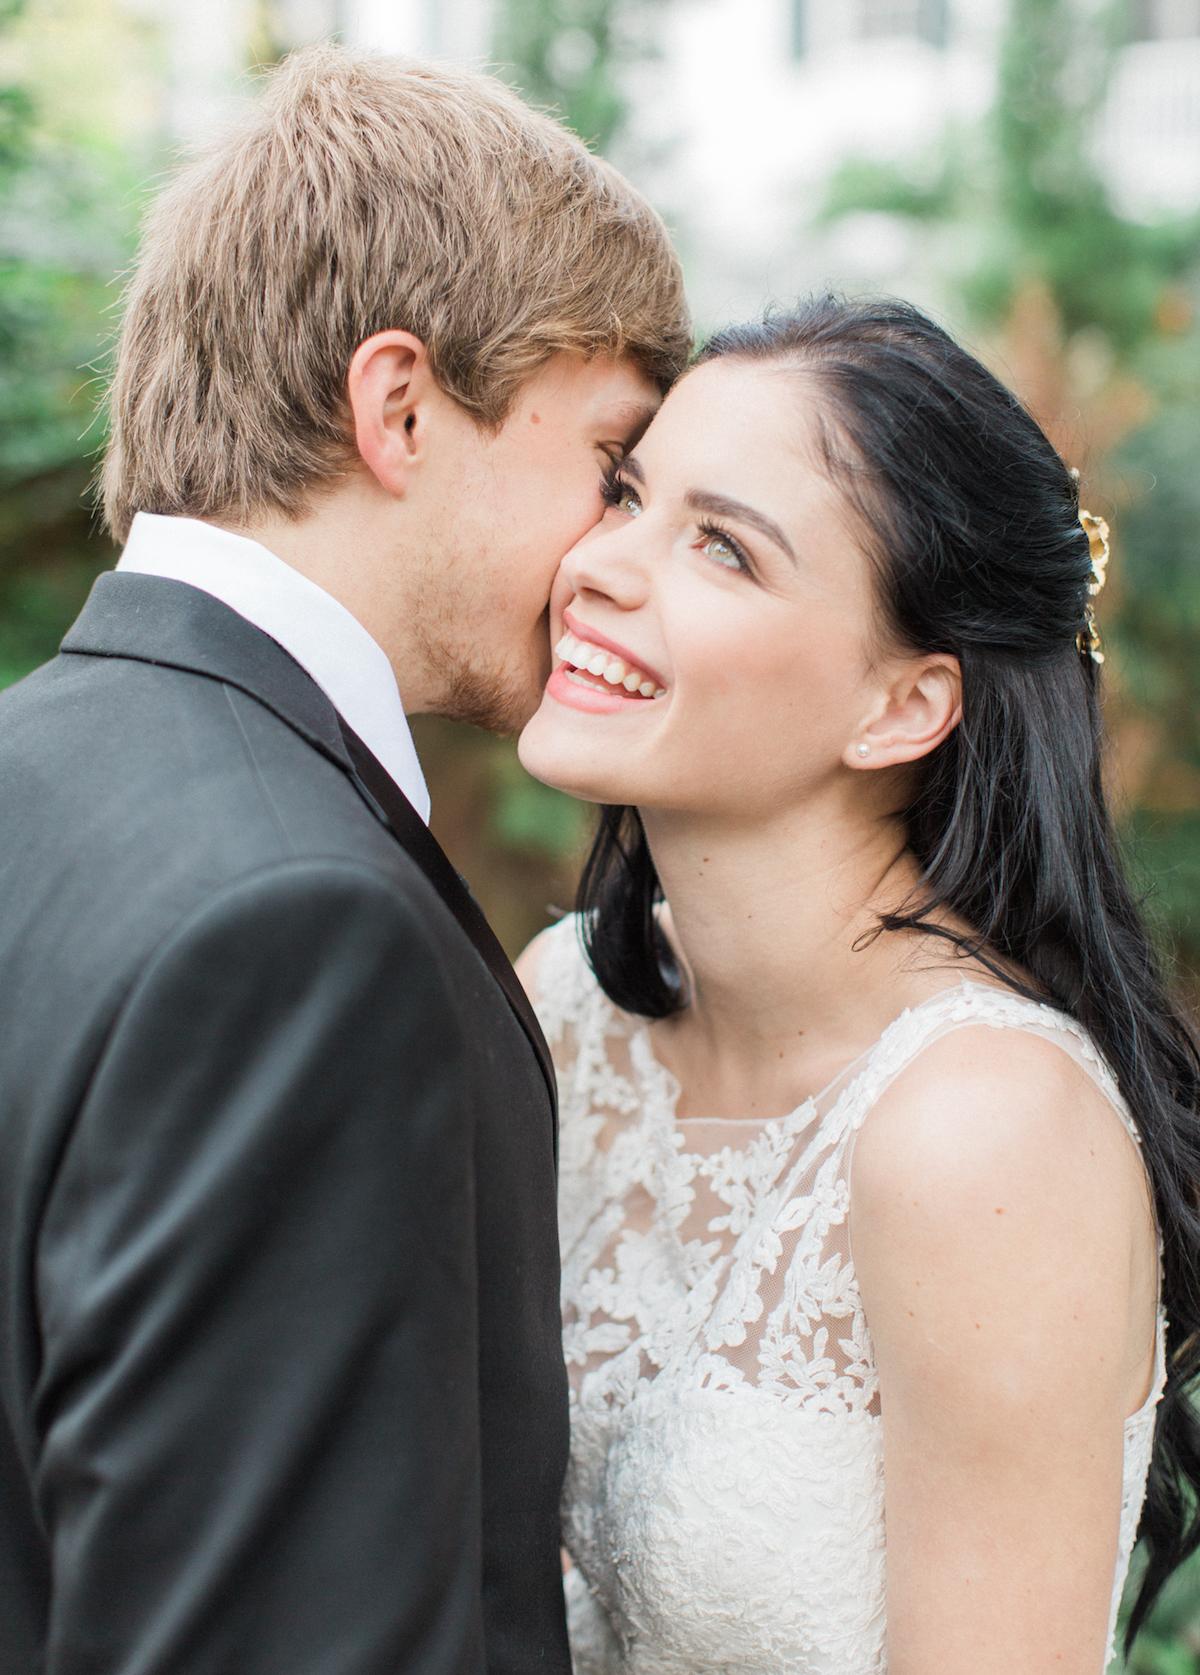 Wedding Makeup with Allison Barlow